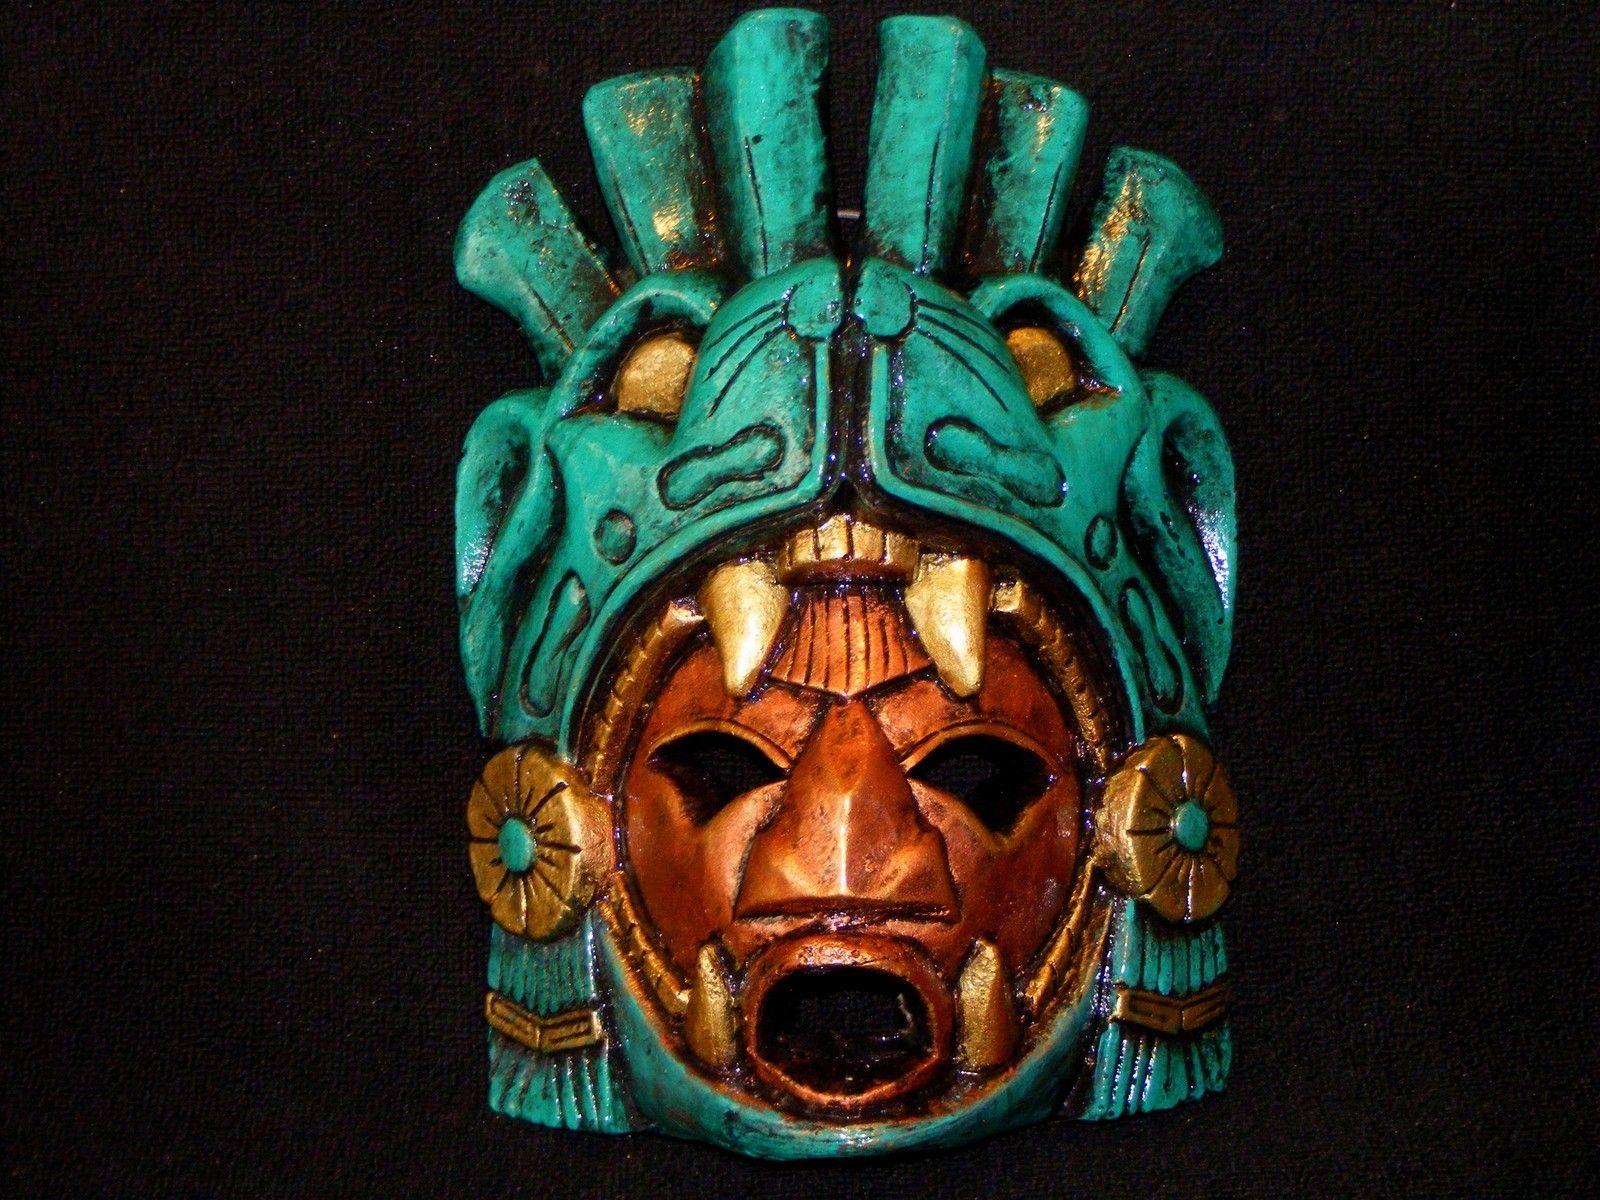 turquoise aztec mask